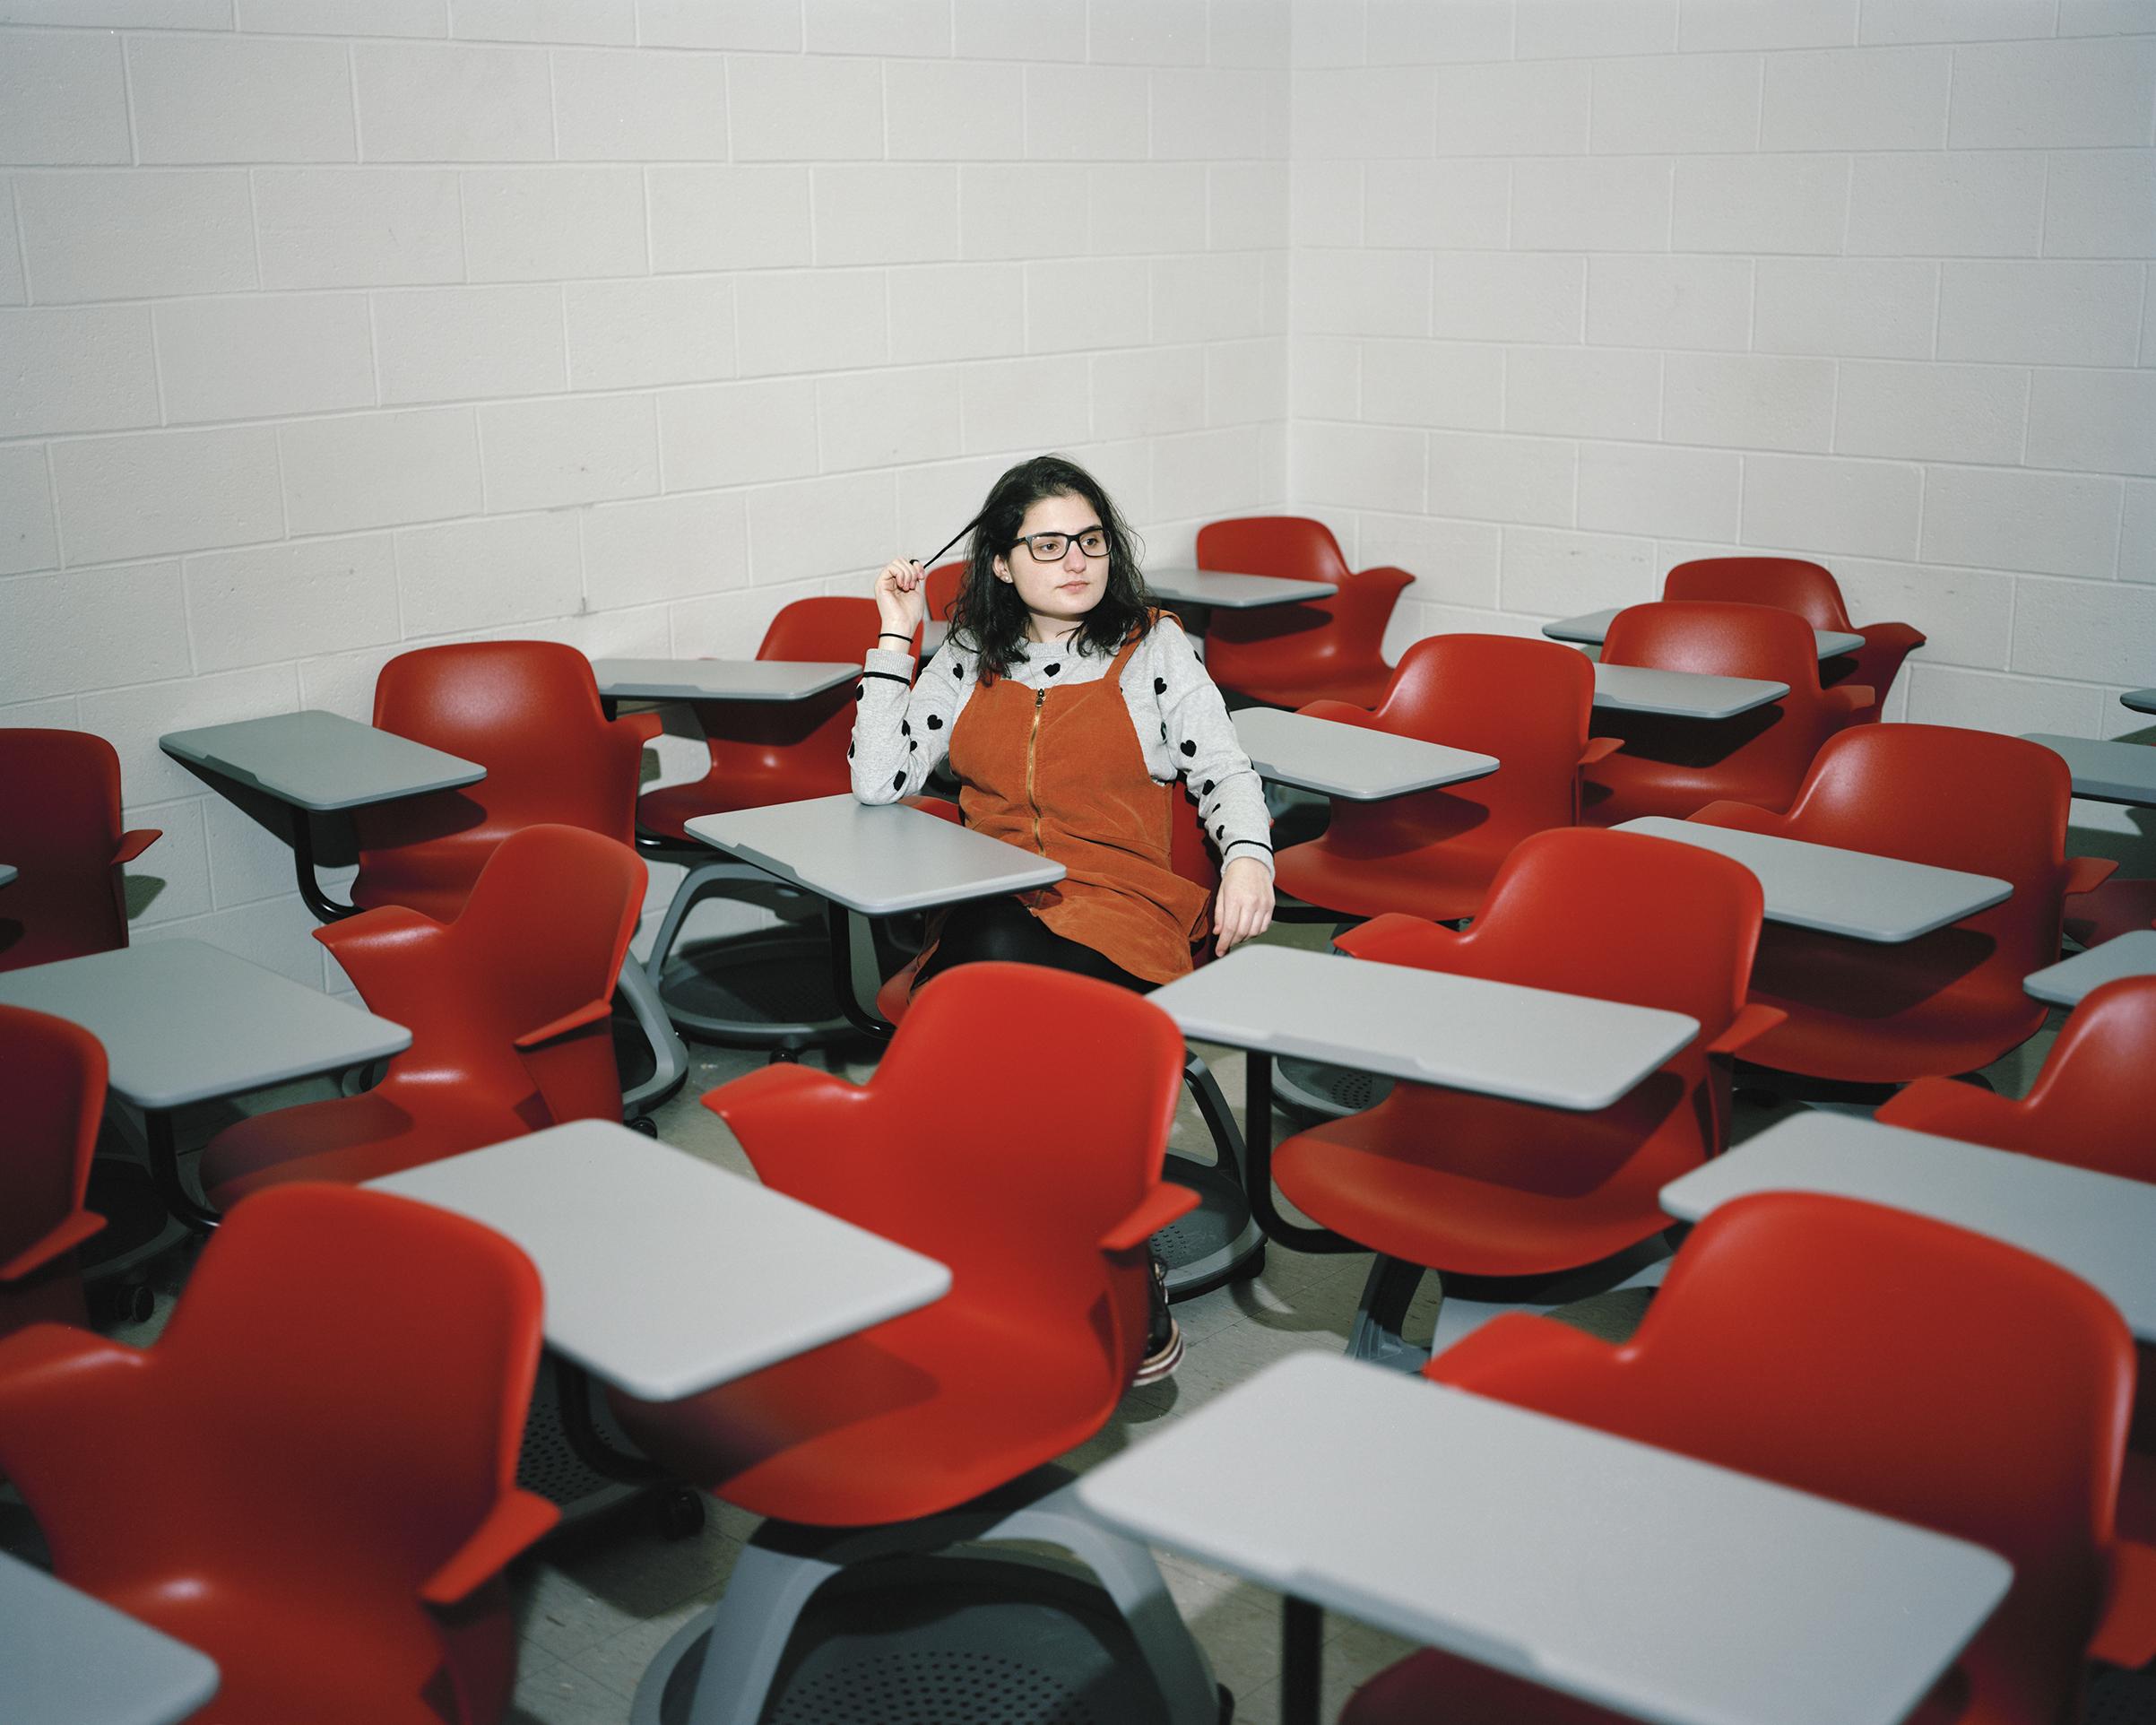 کاهش استرس بازگشت به مدرسه